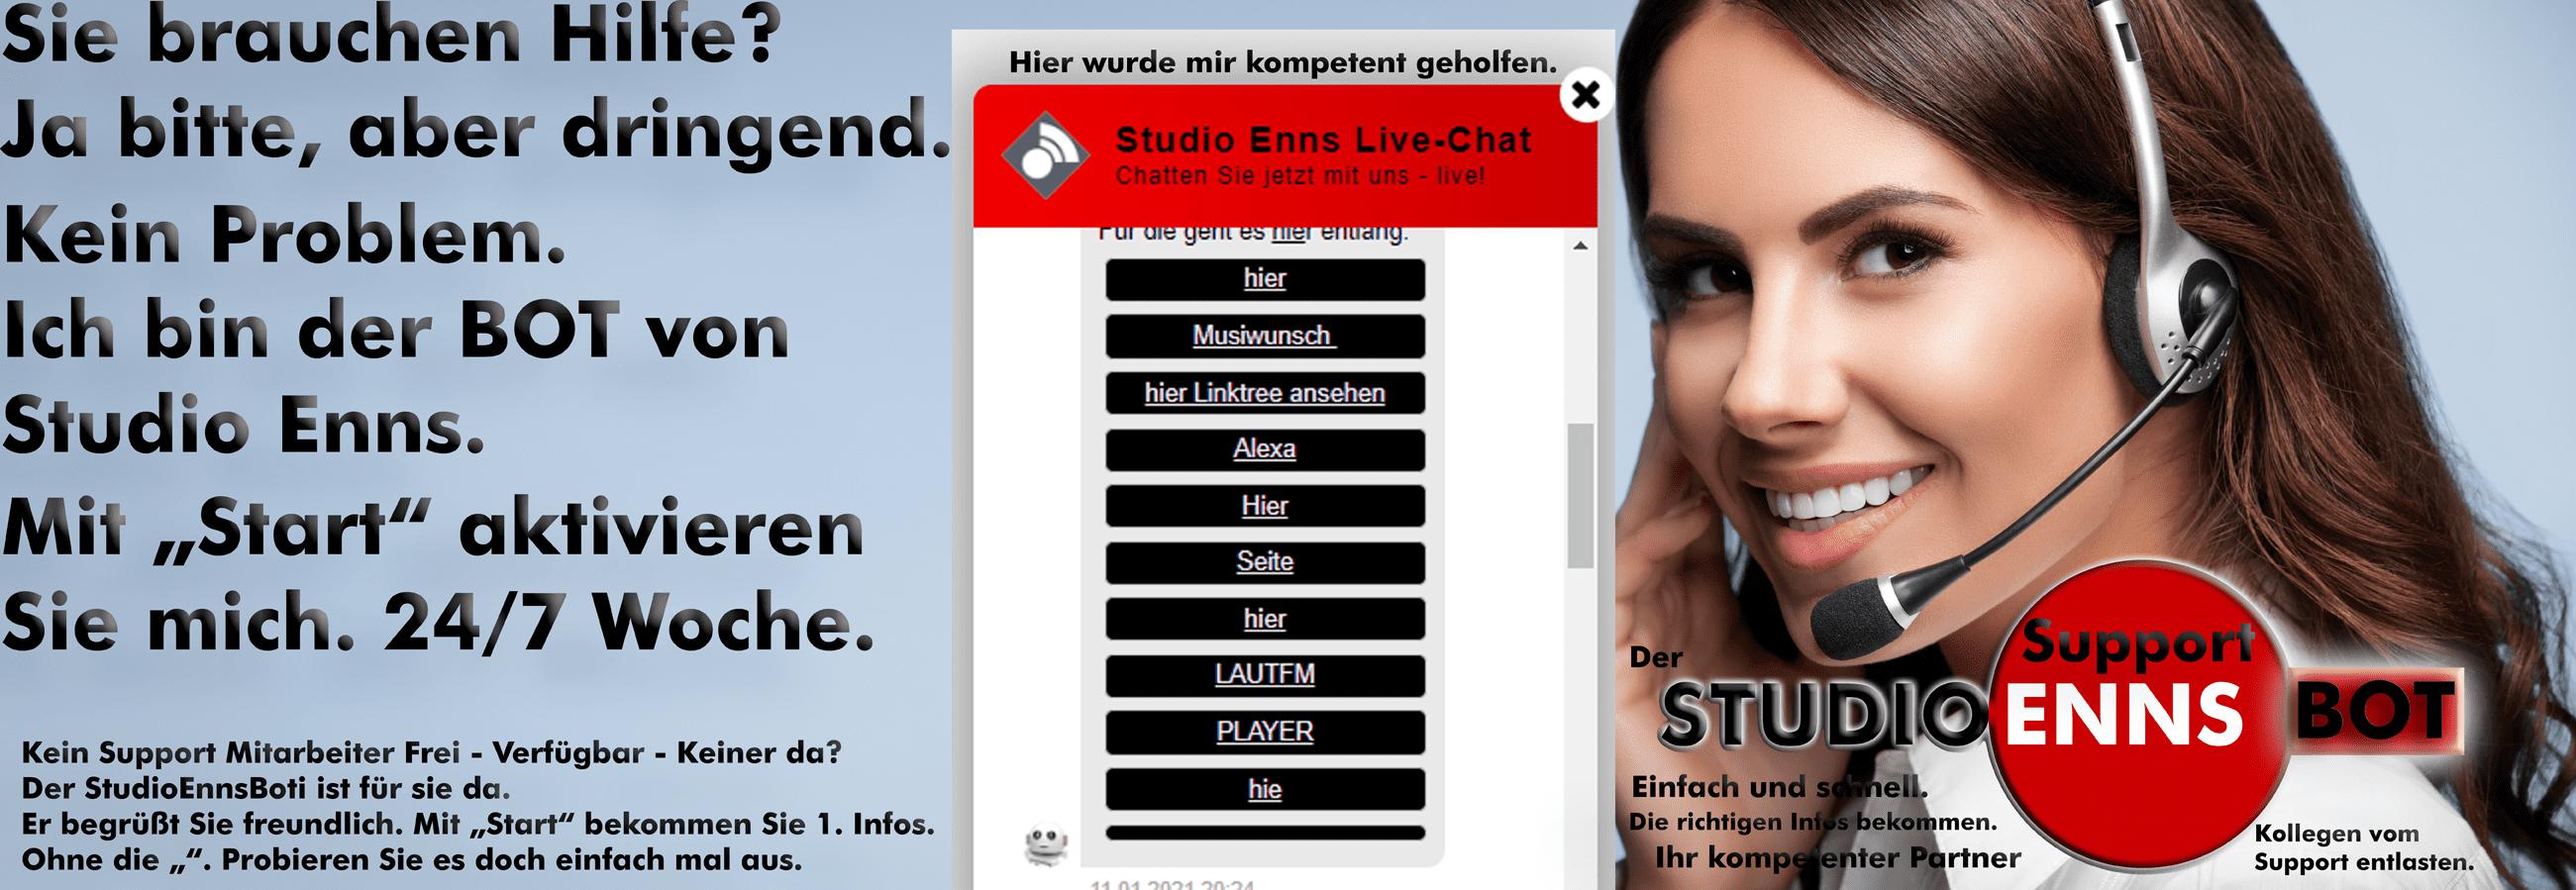 Studio Enns Bot - StudioEnnsBoti